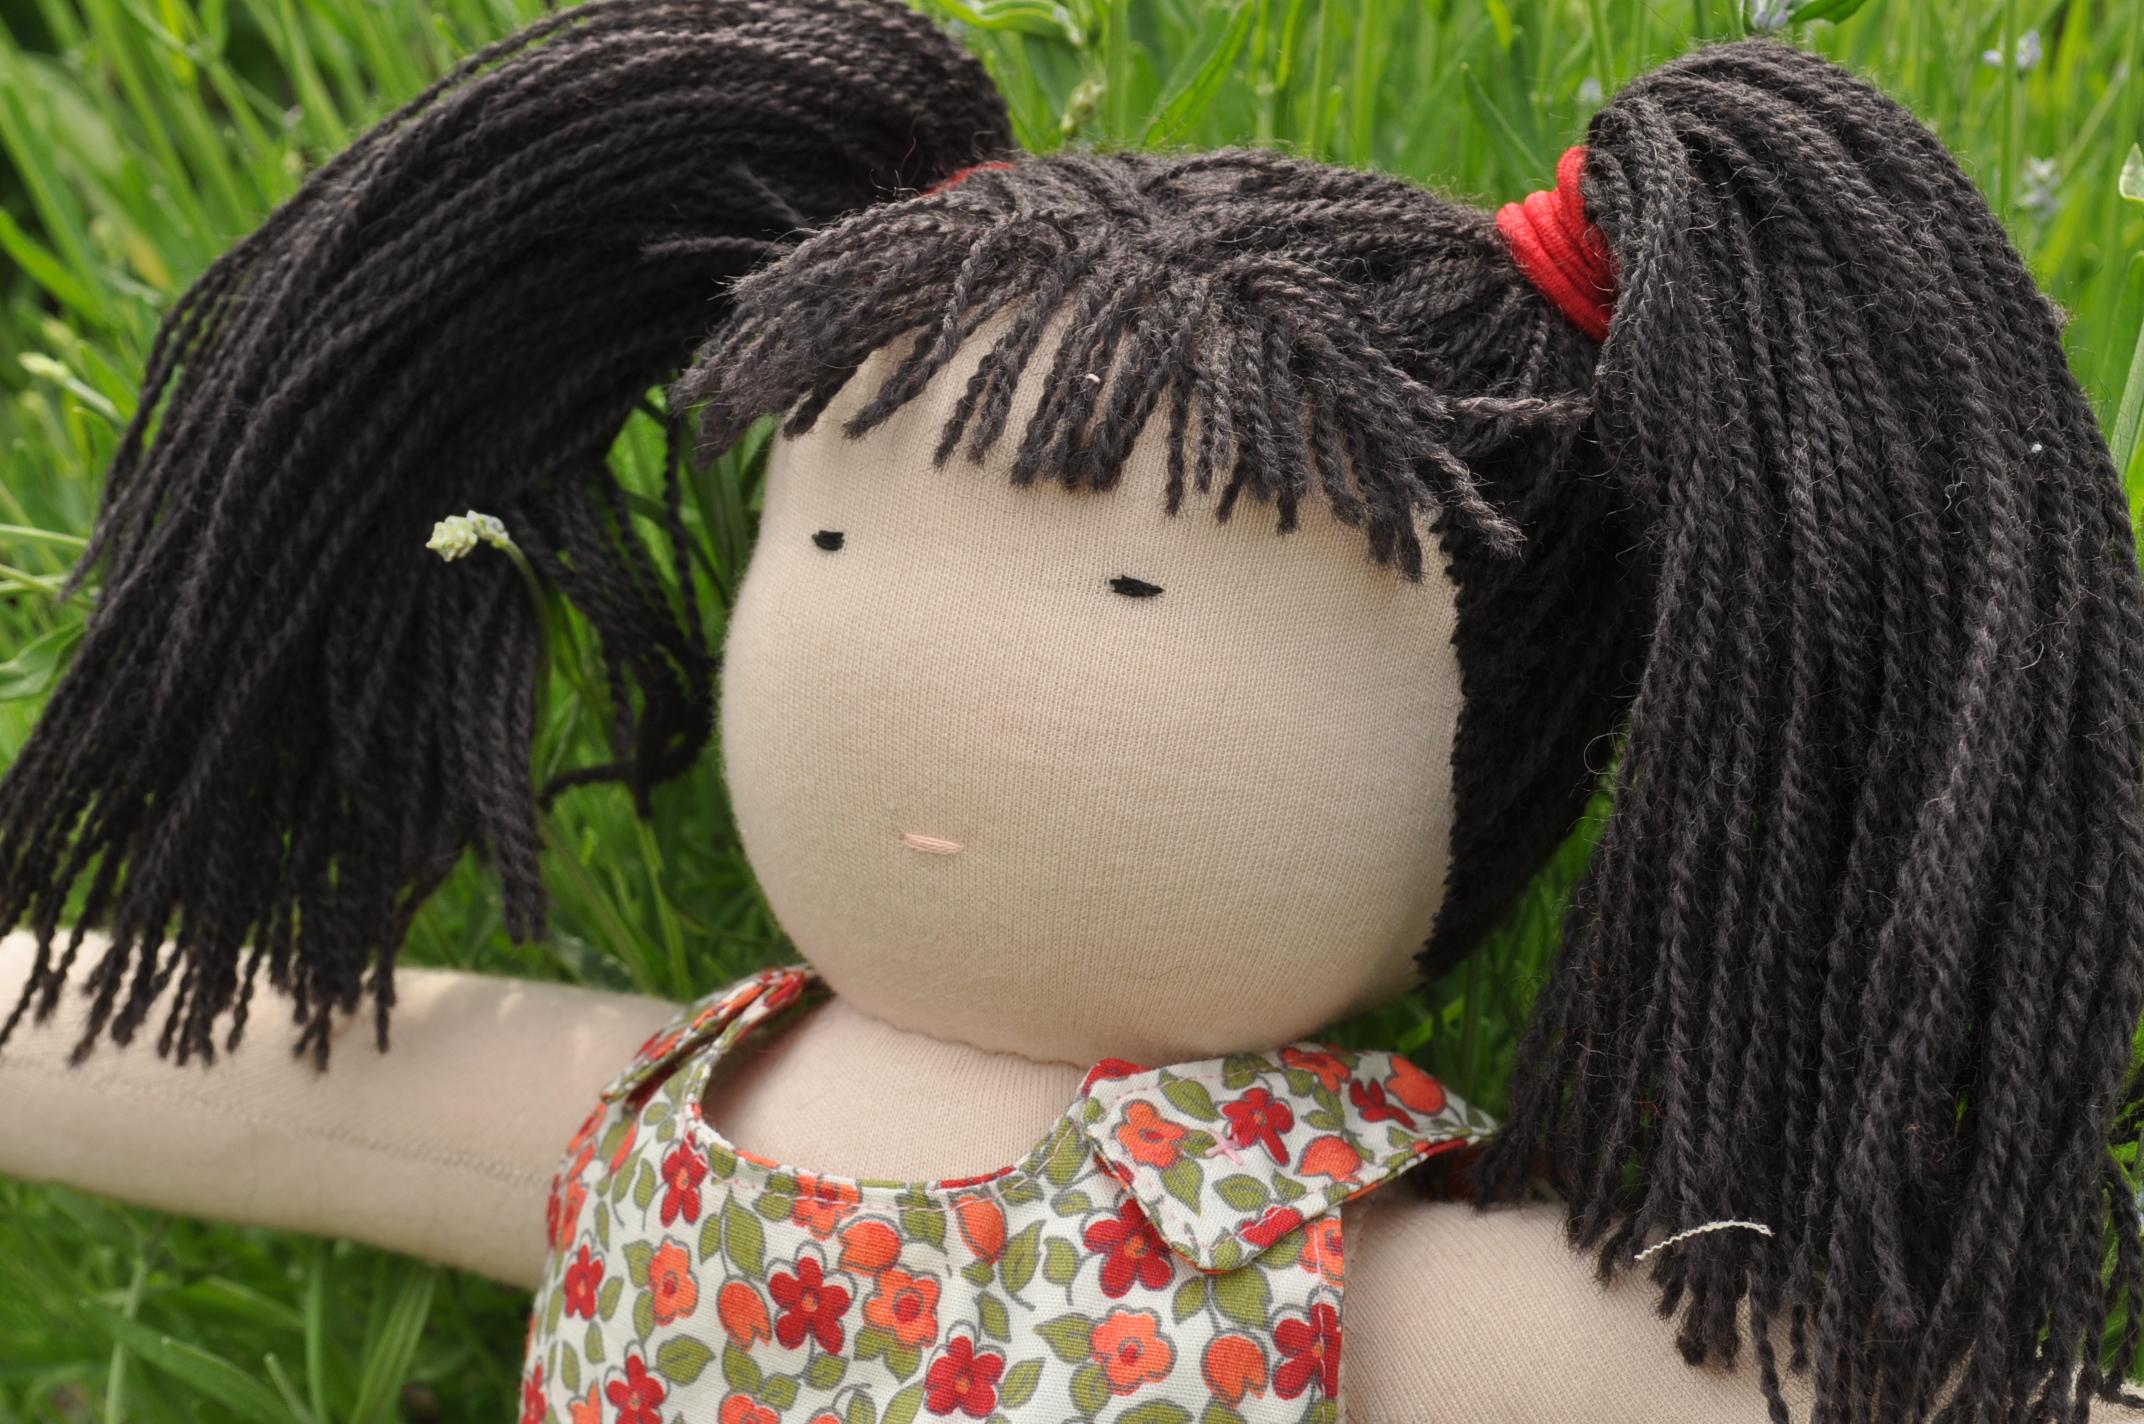 A custom made doll